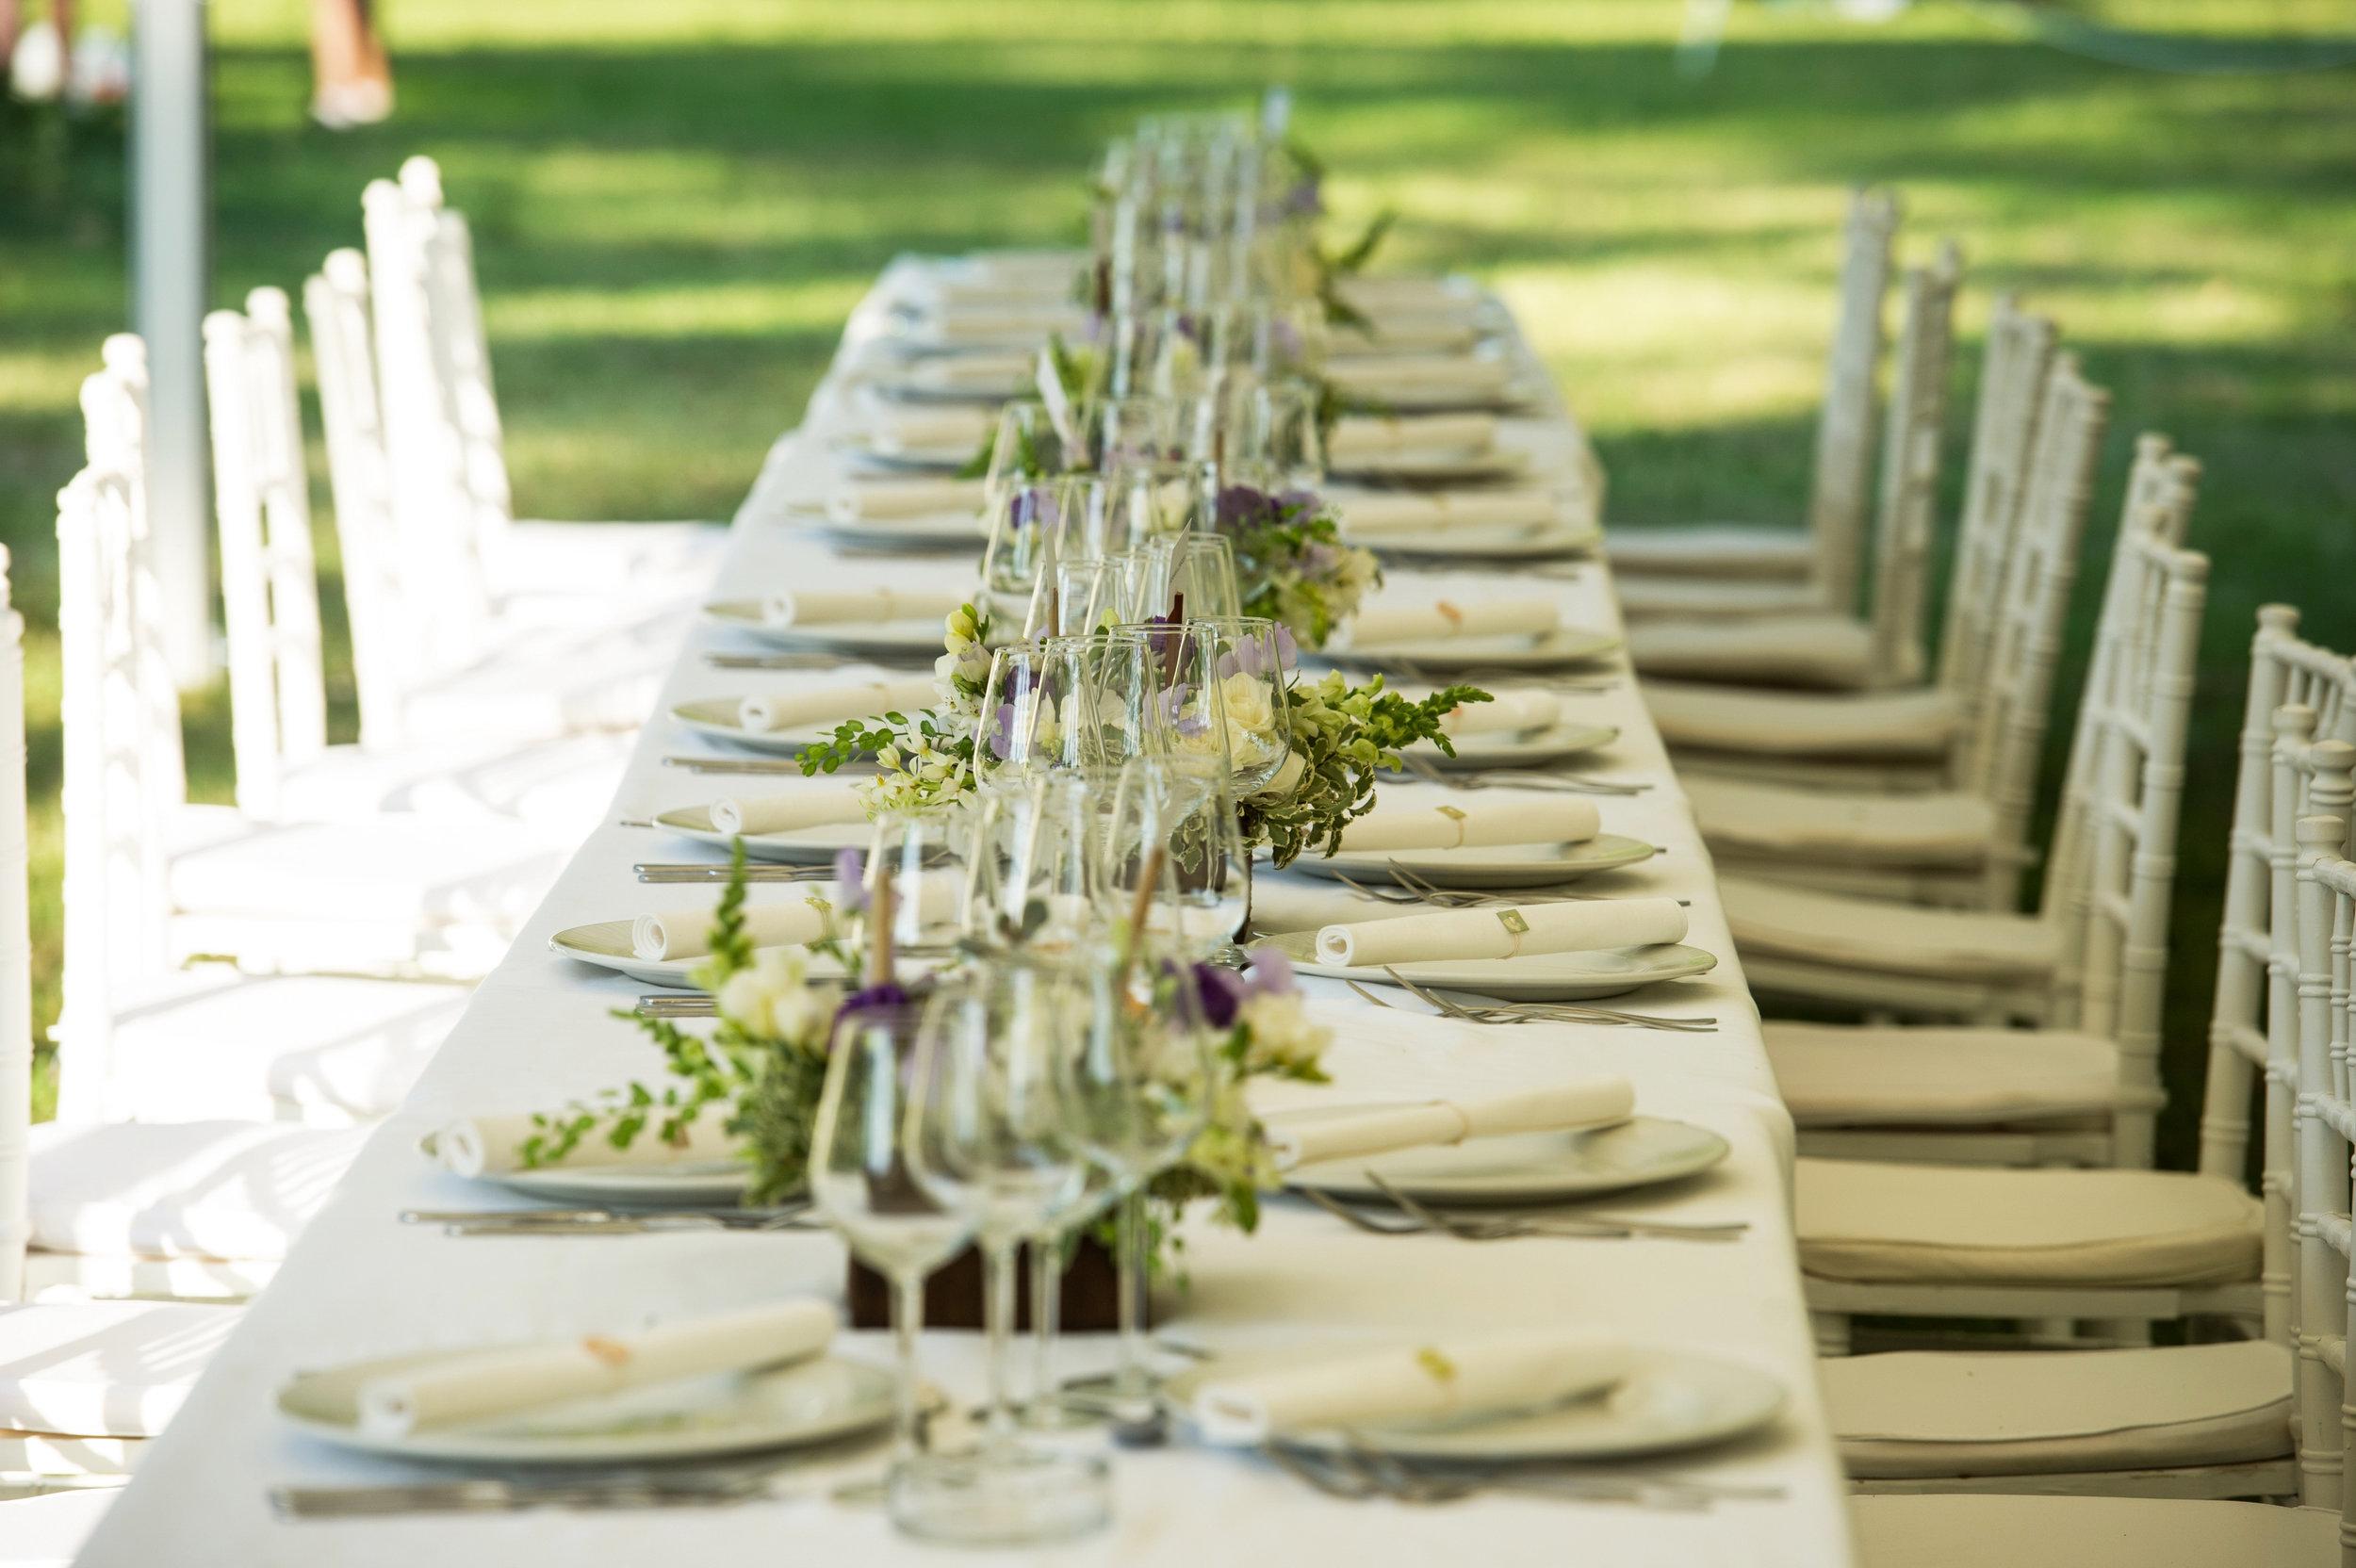 Aviva-wedding-catering-atlanta